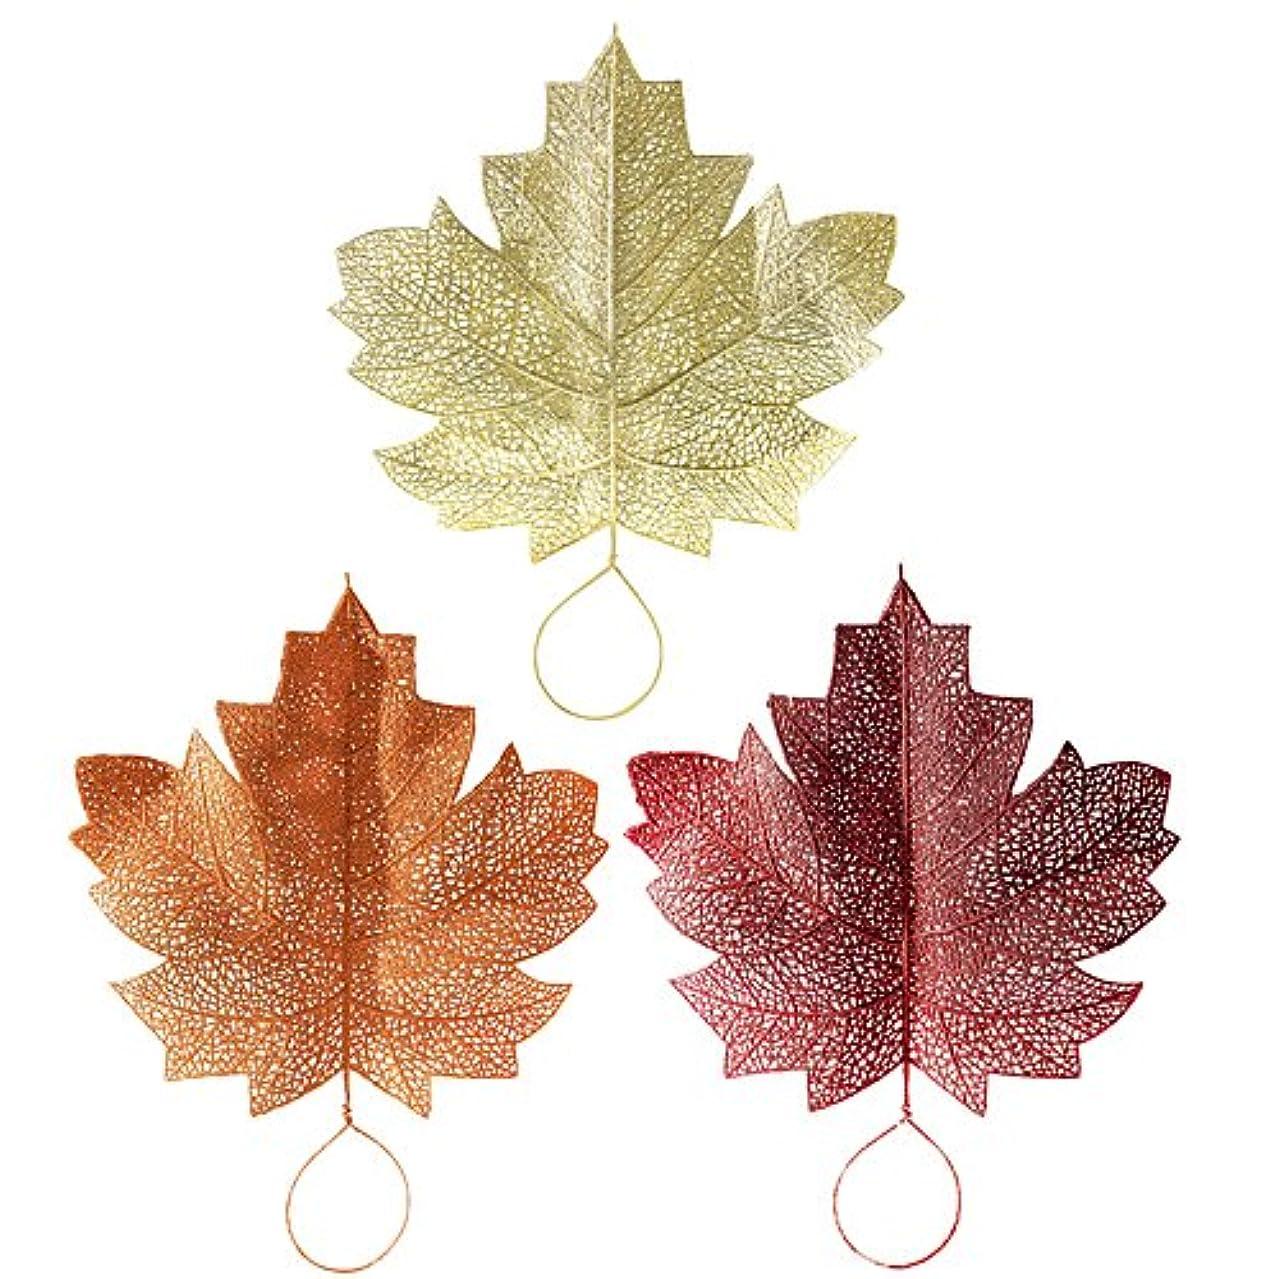 Glitter Leaves, 3 Pack